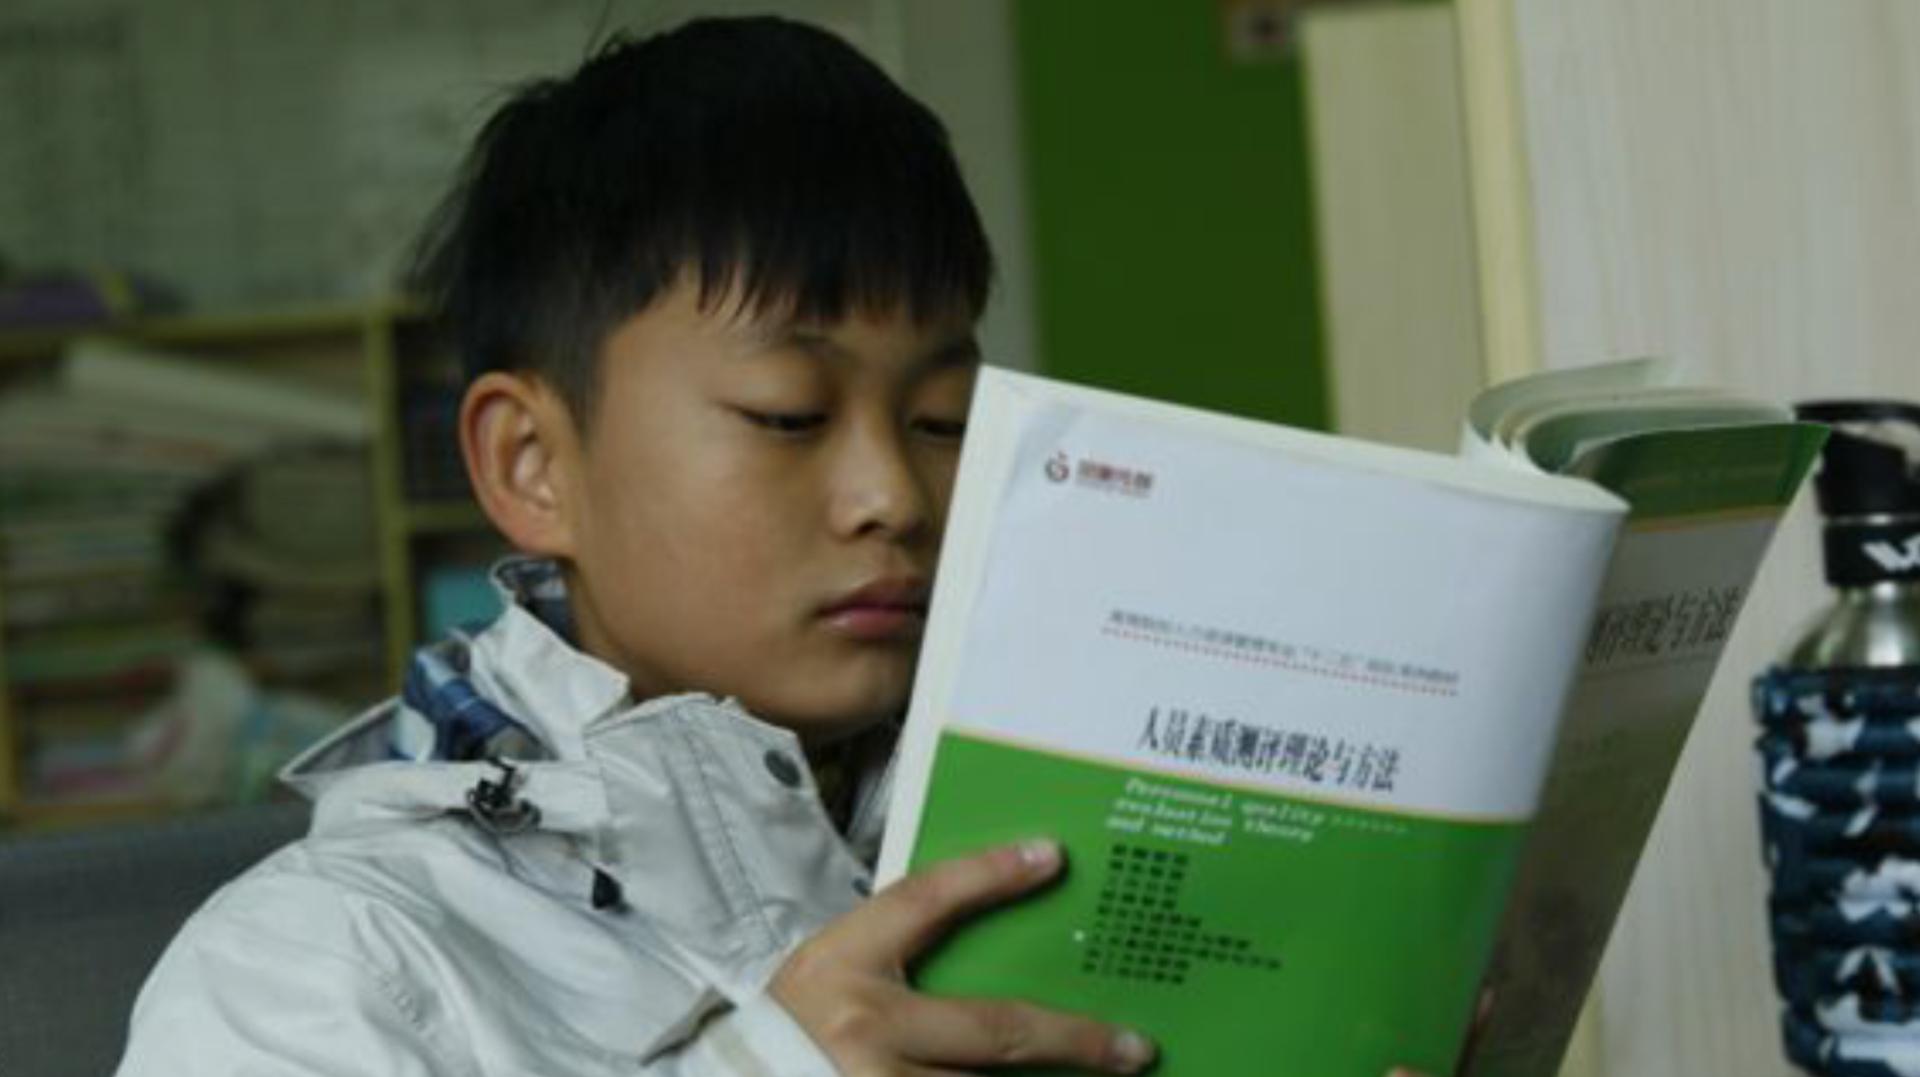 厉害了!11岁男孩南京大学毕业 未来计划考工商管理硕士